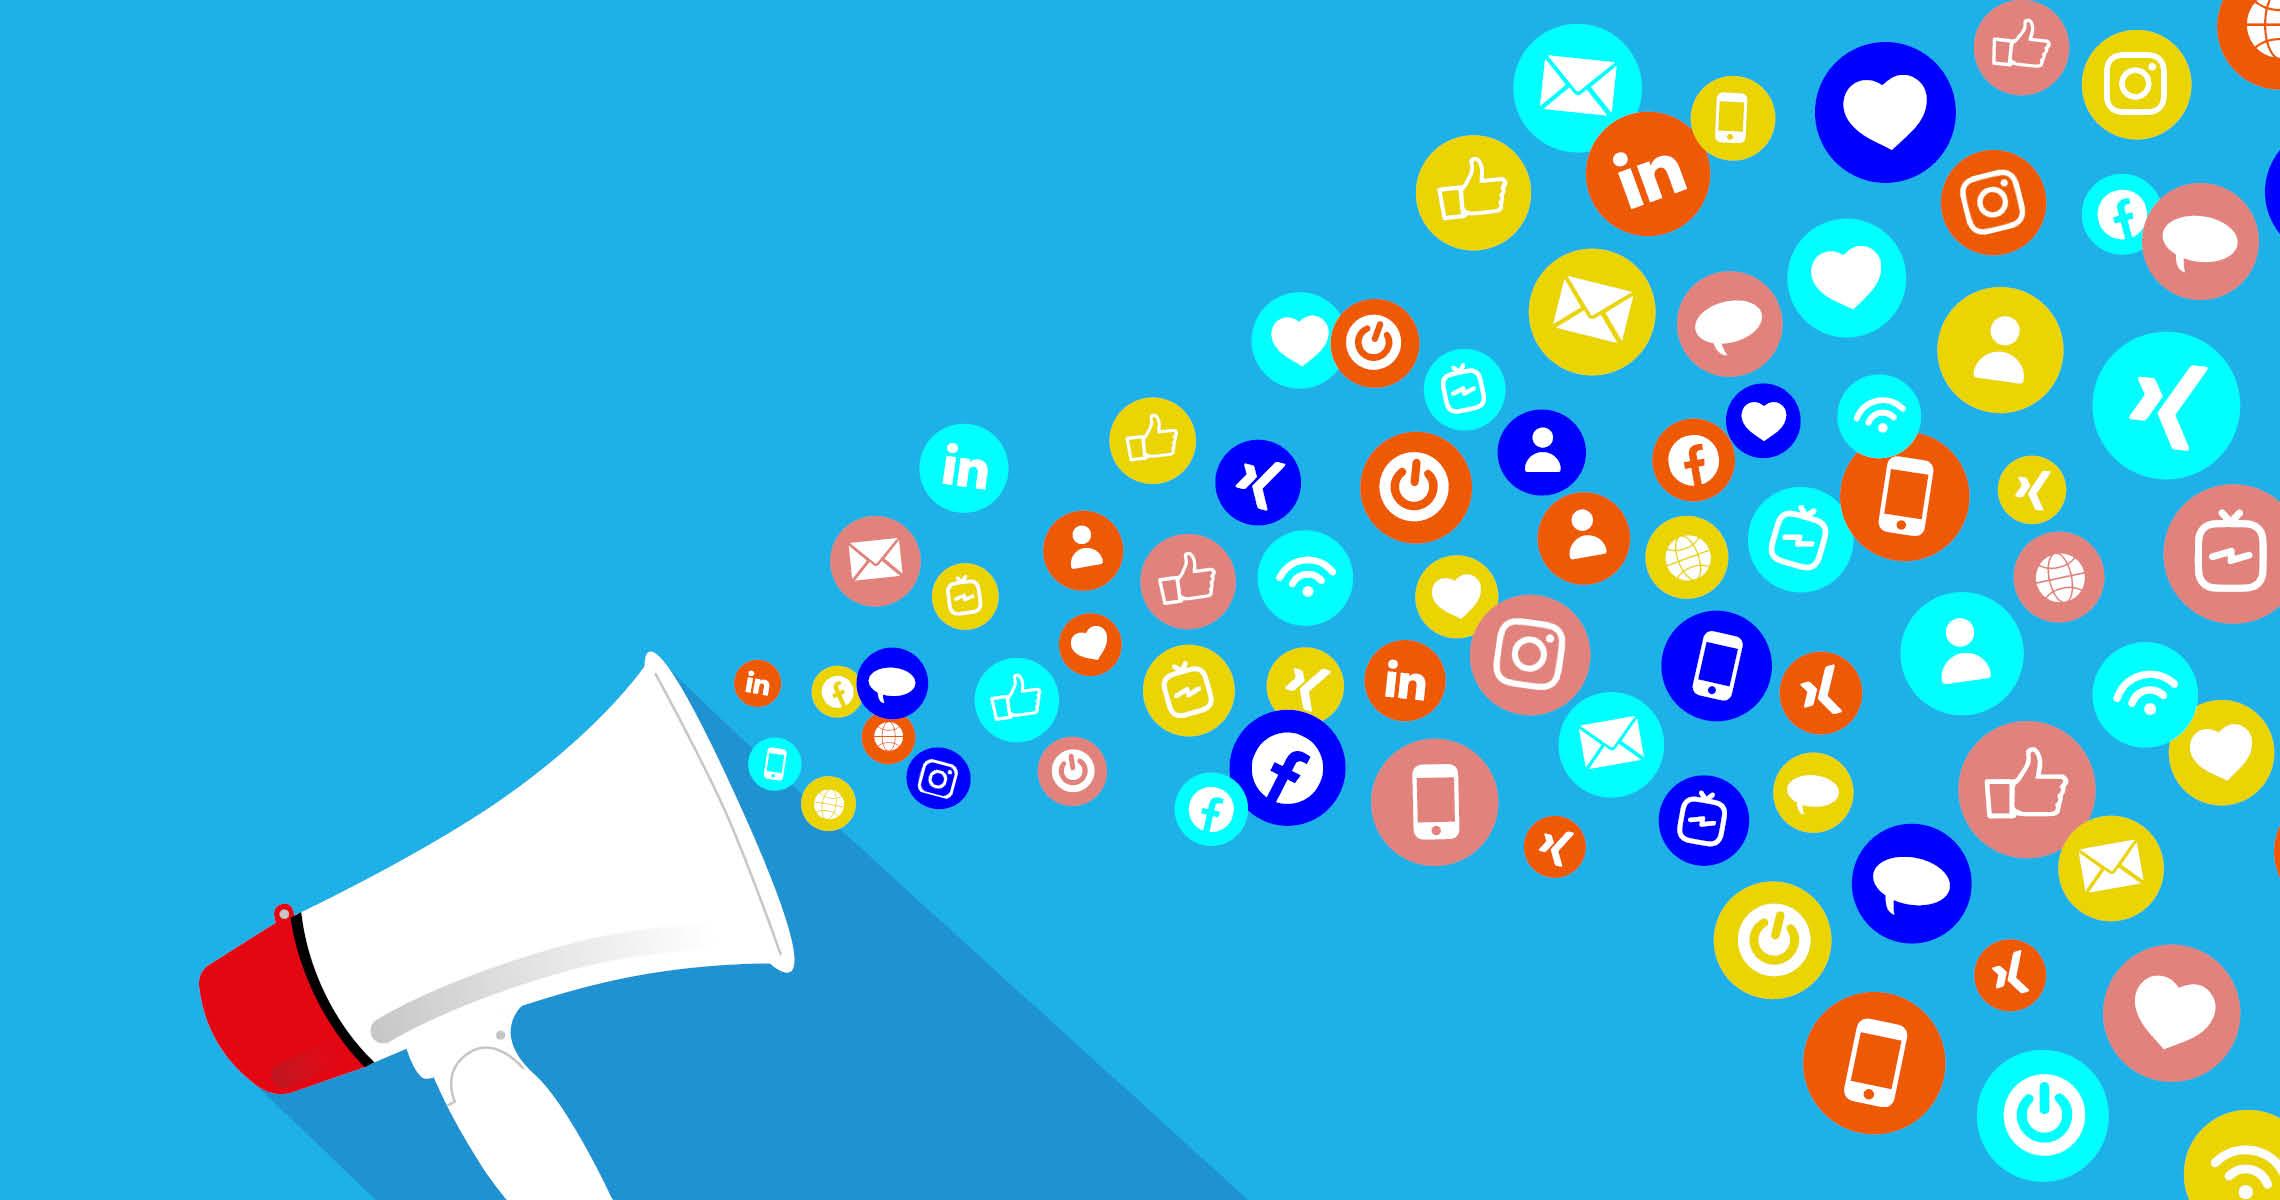 Digitalisierung verändert Kommunikation – wie und über was wir kommunizieren.